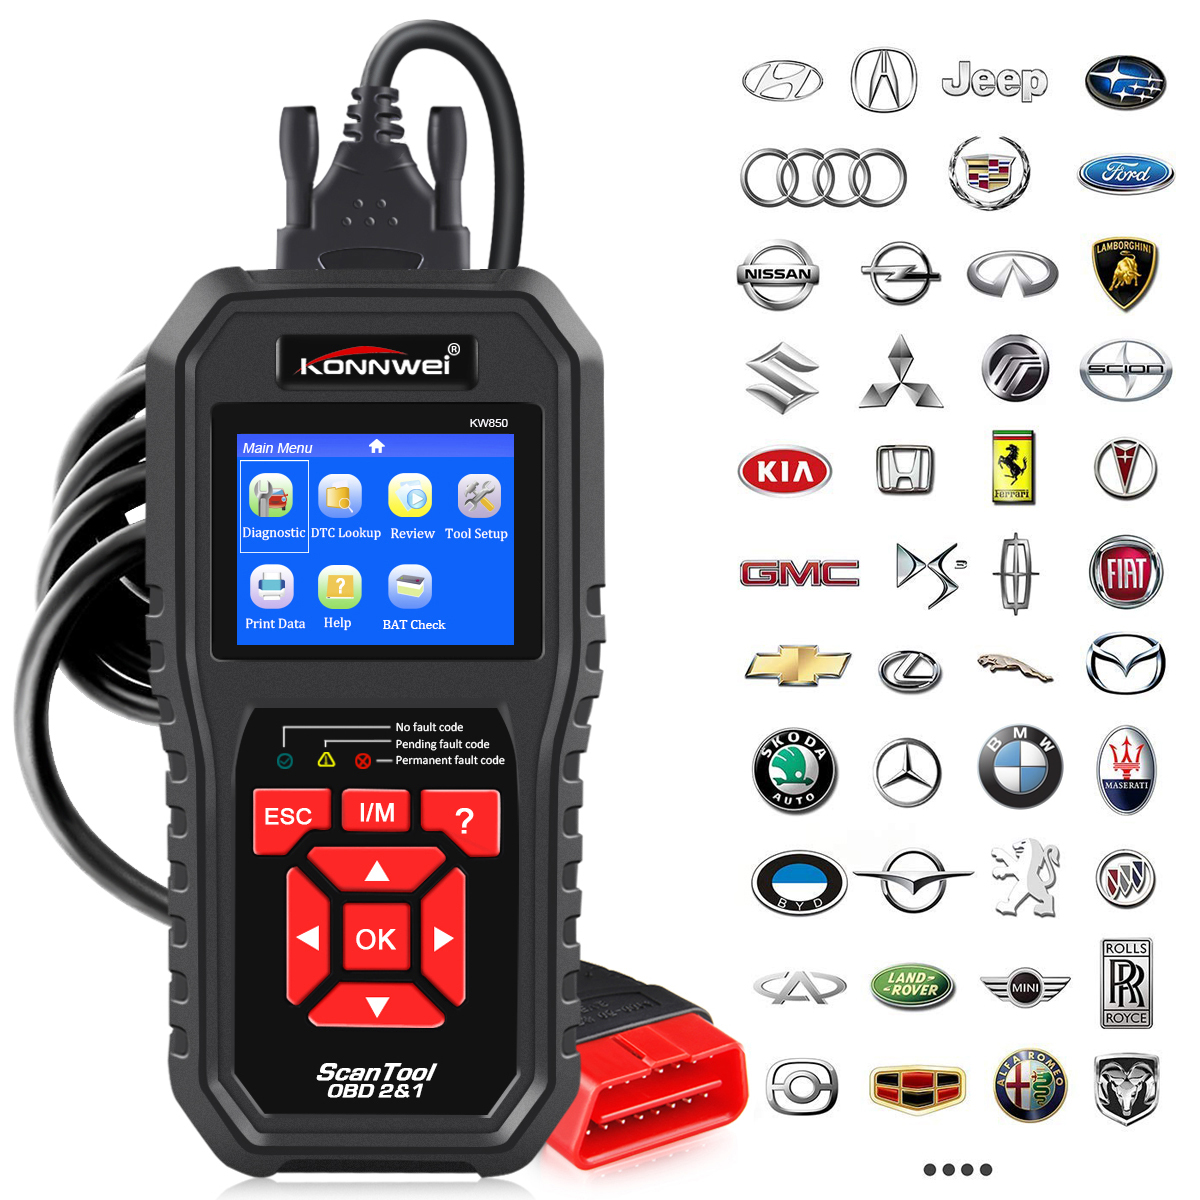 KONNWEI KW850 OBD2 Scanner de Diagnostic automatique universel OBD voiture outil de Diagnostic ODB2 vérifier moteur automobile lecteur de Code de voiture noir